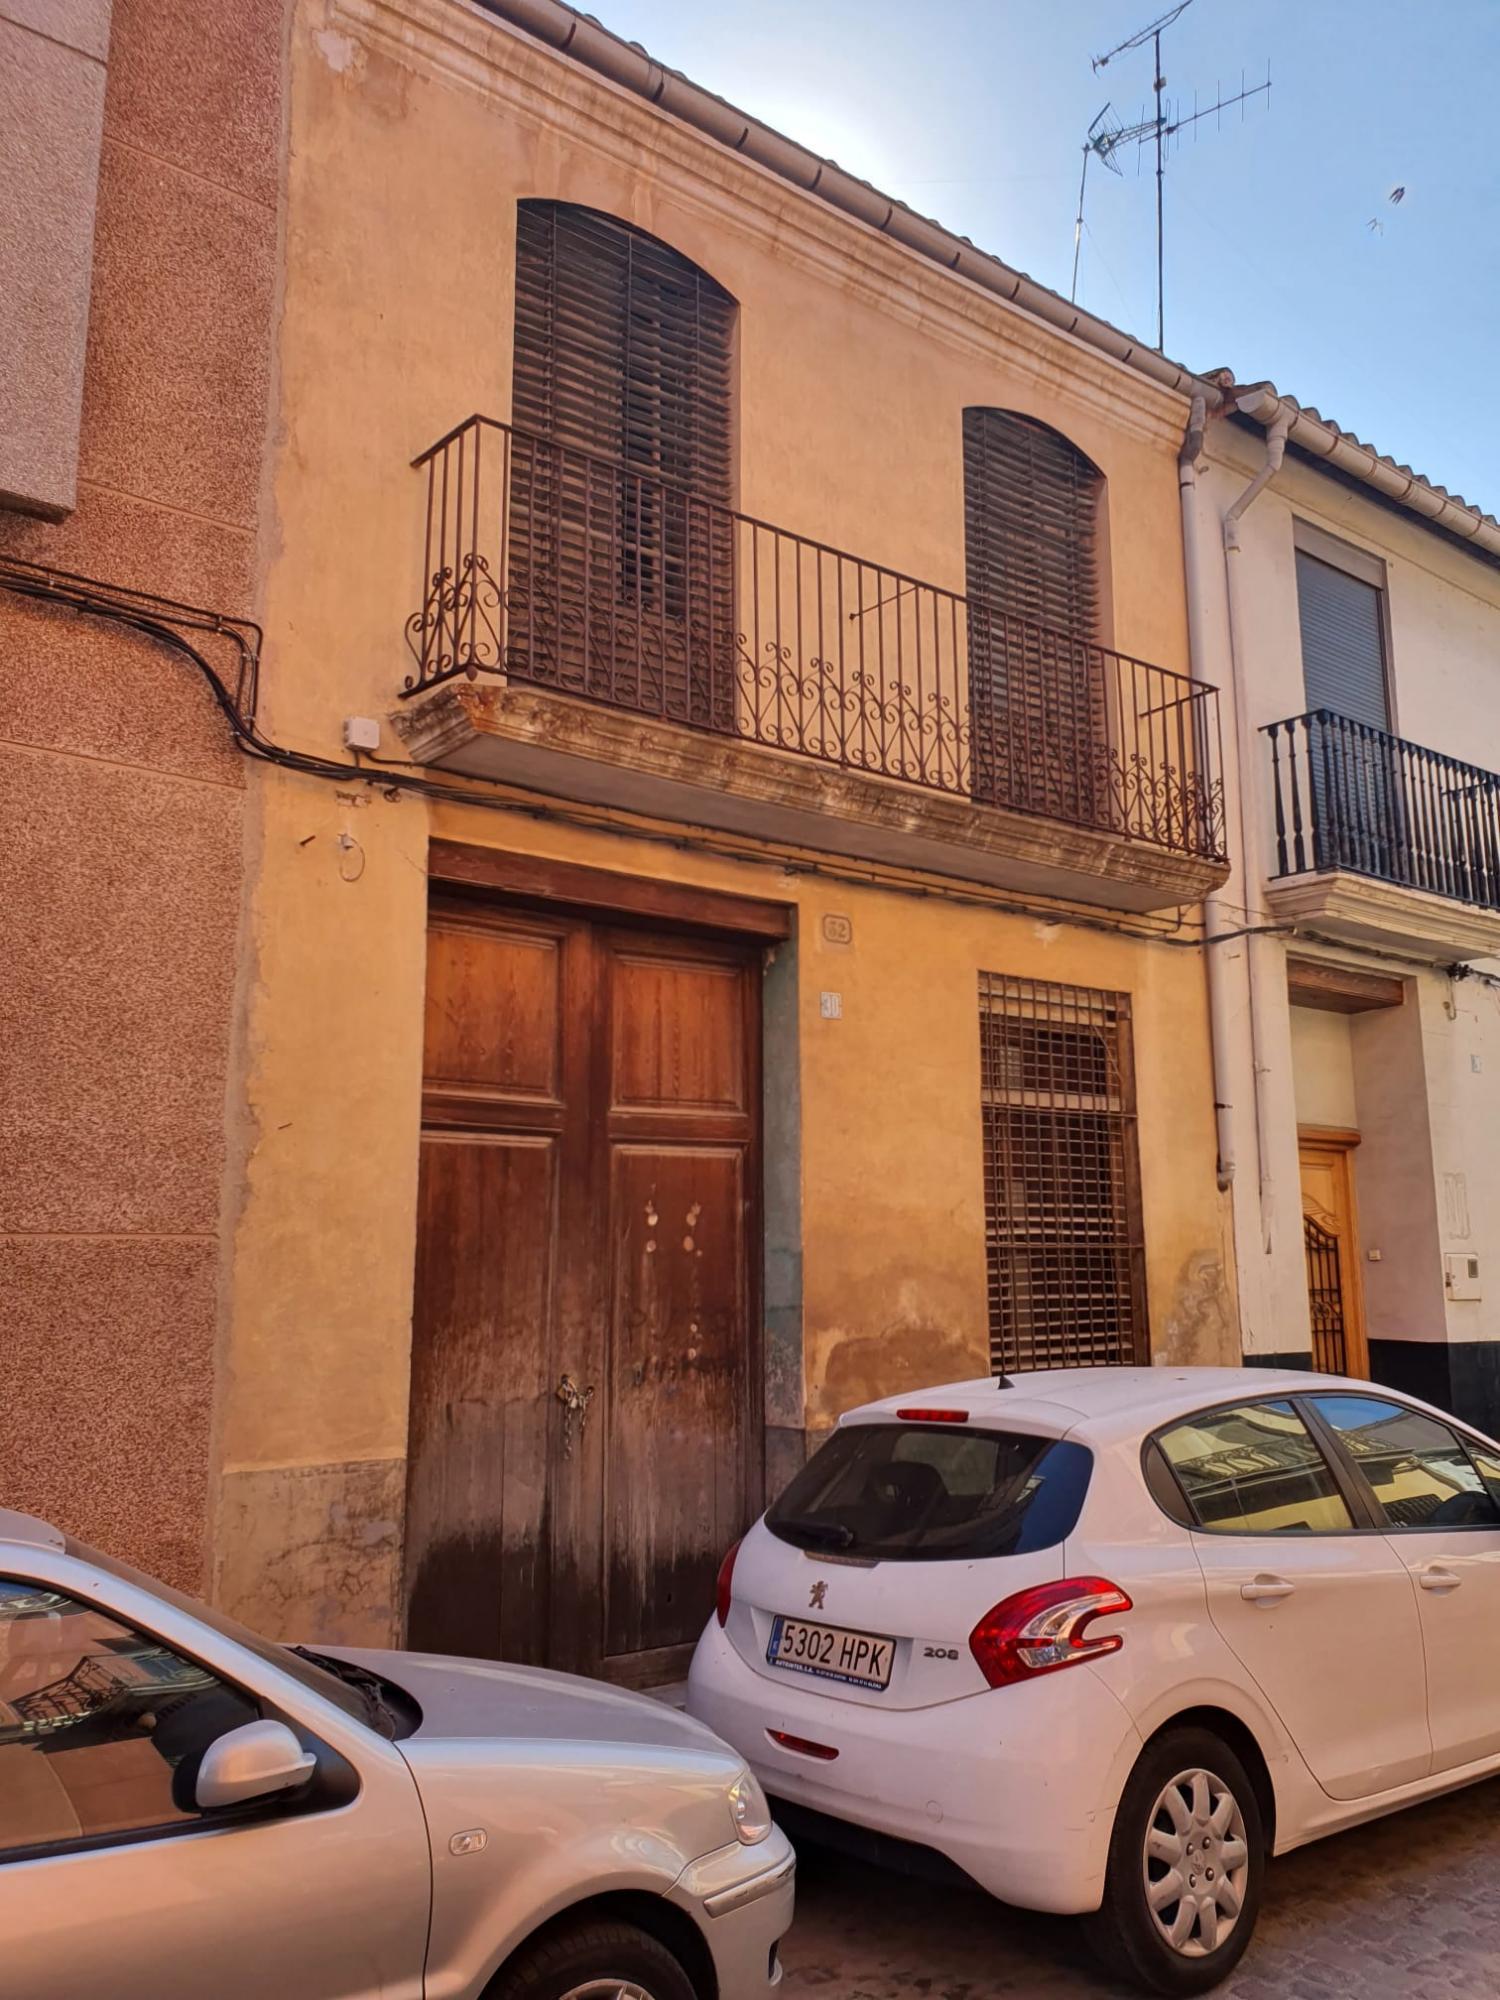 Casa a la venta en Burriana (Castellón) zona Centro